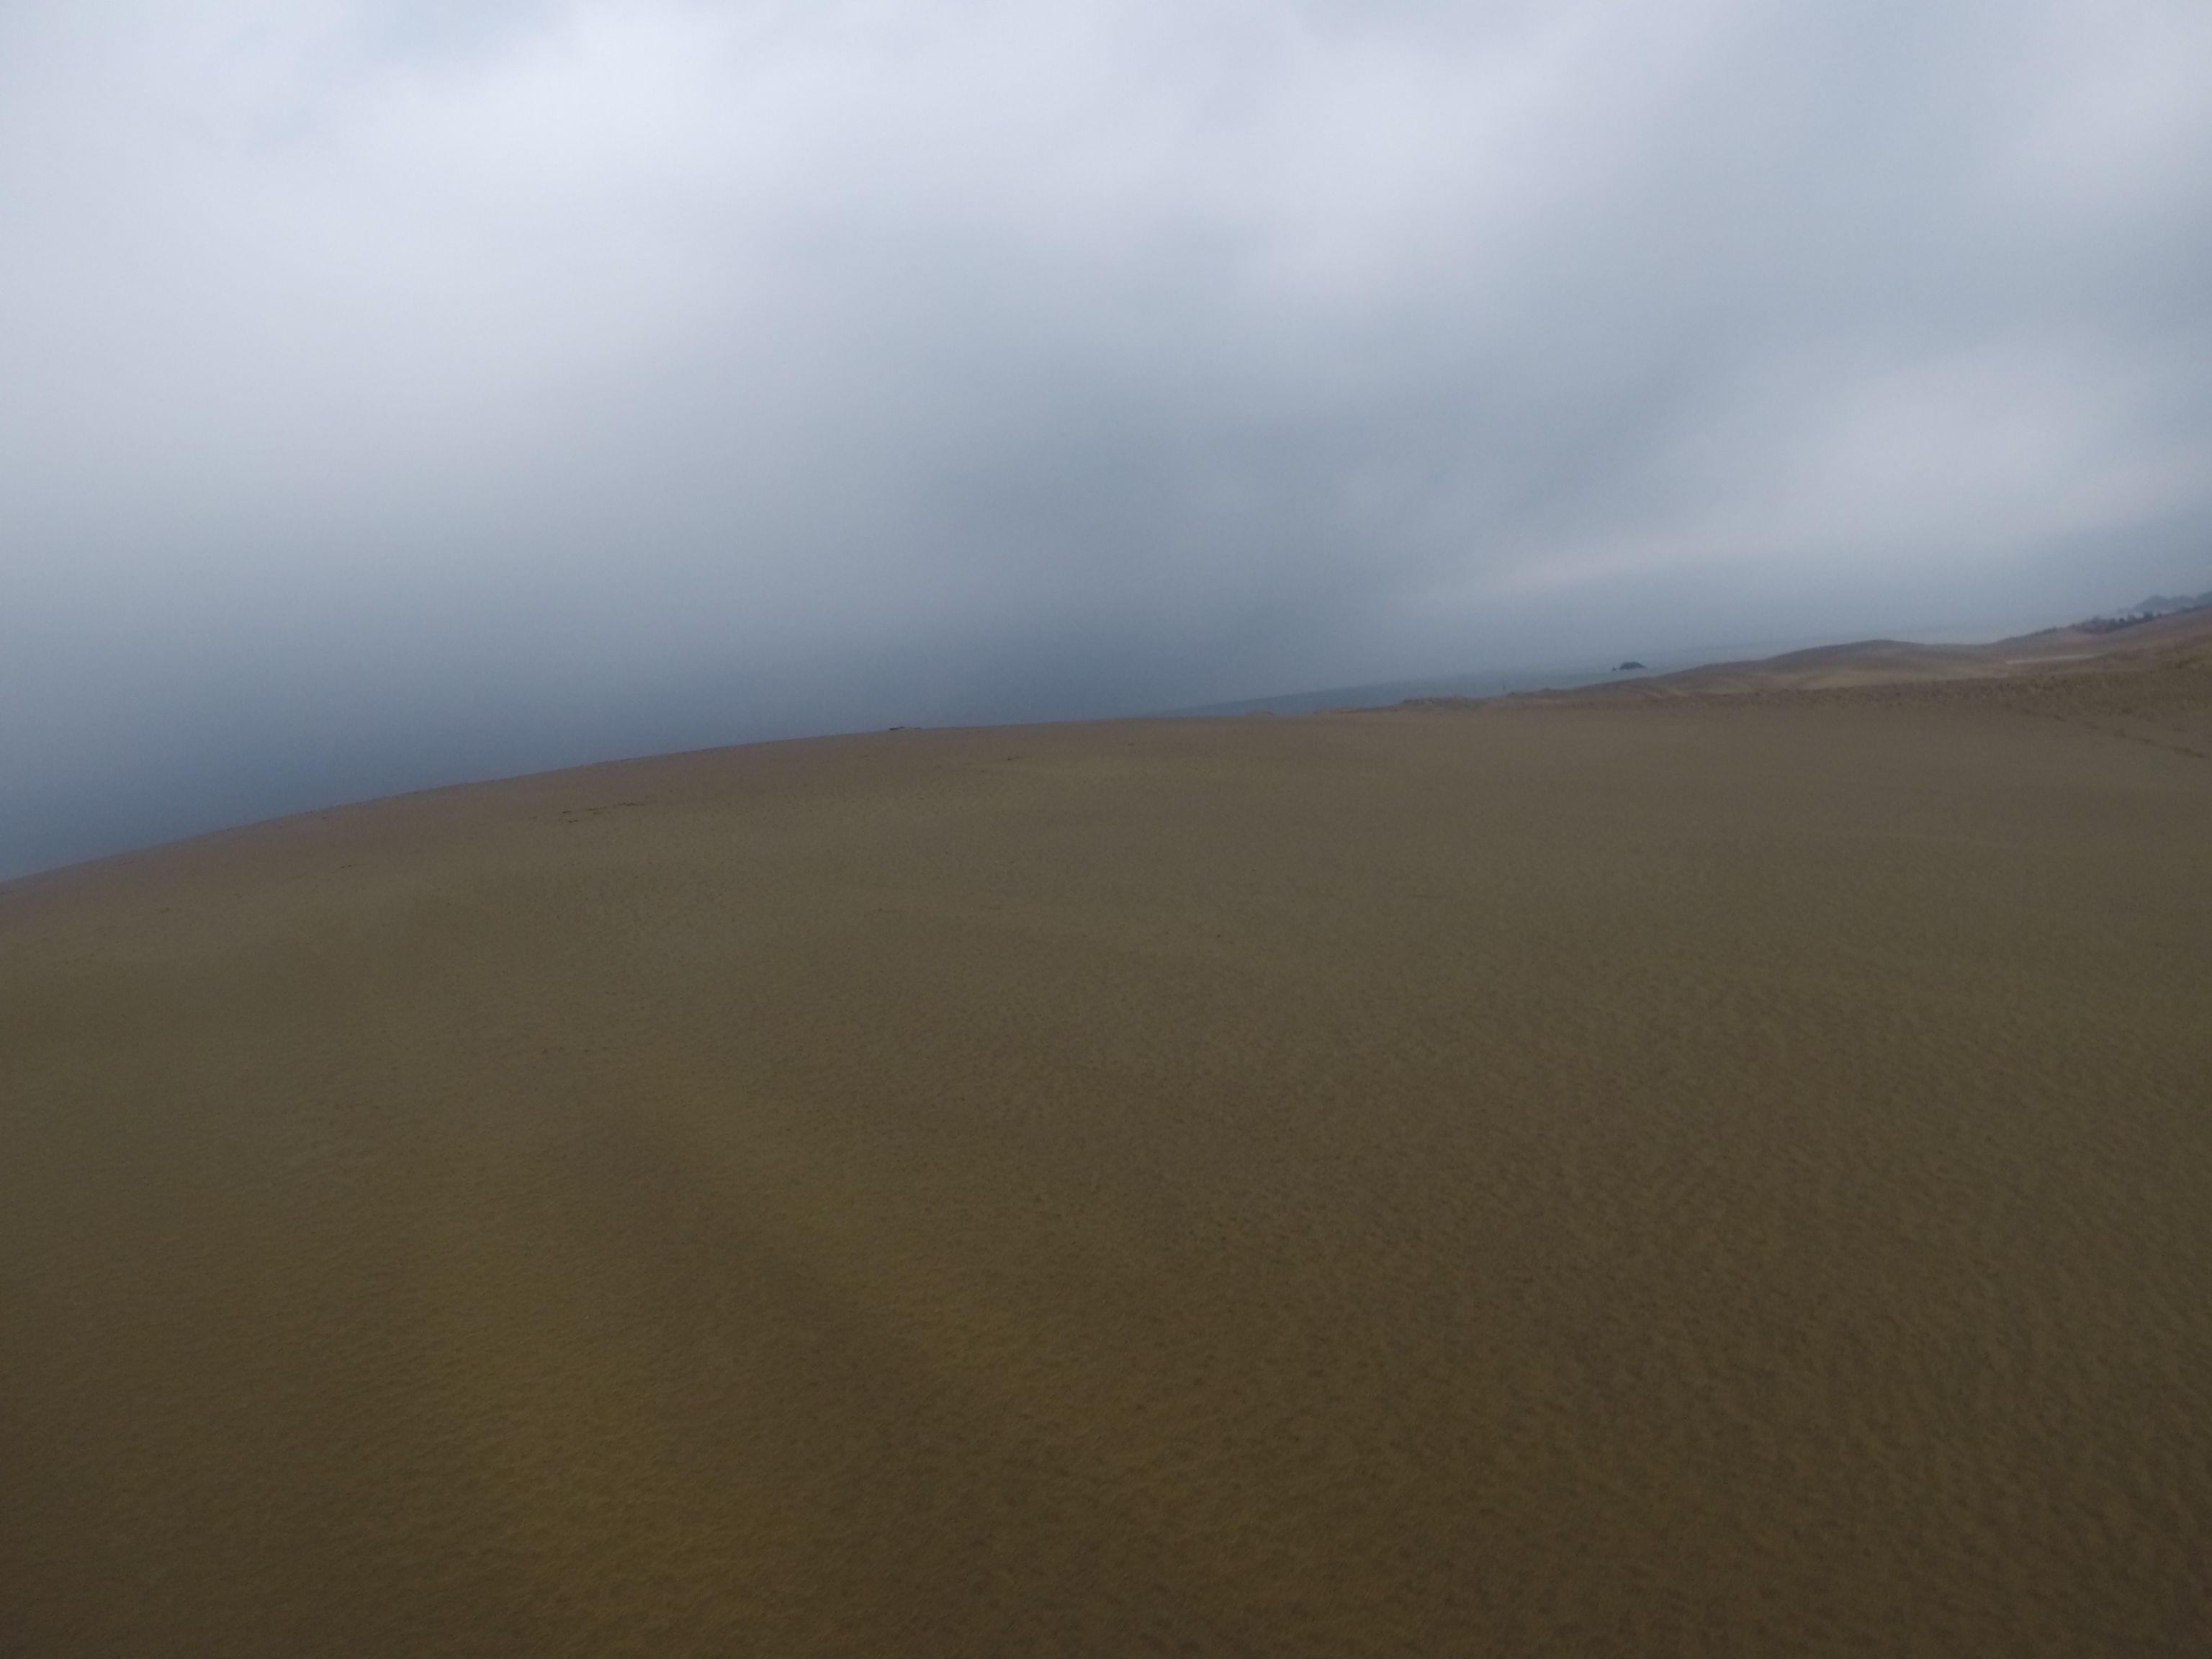 油断していると、すぐに降ってくる鳥取砂丘